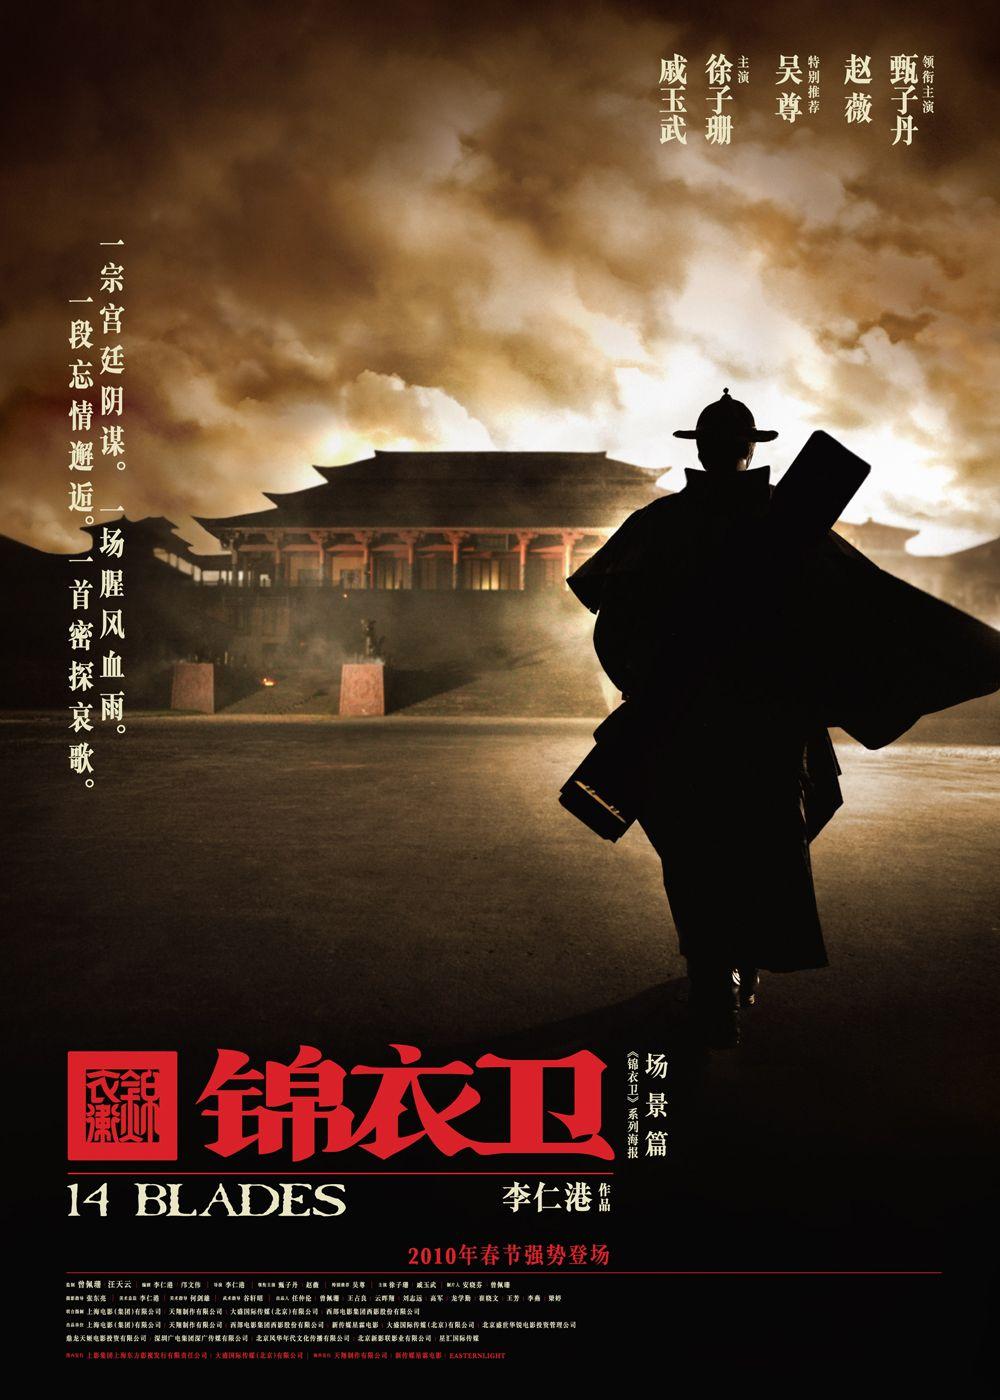 14 Blades Donnie Yen Martial Arts Film